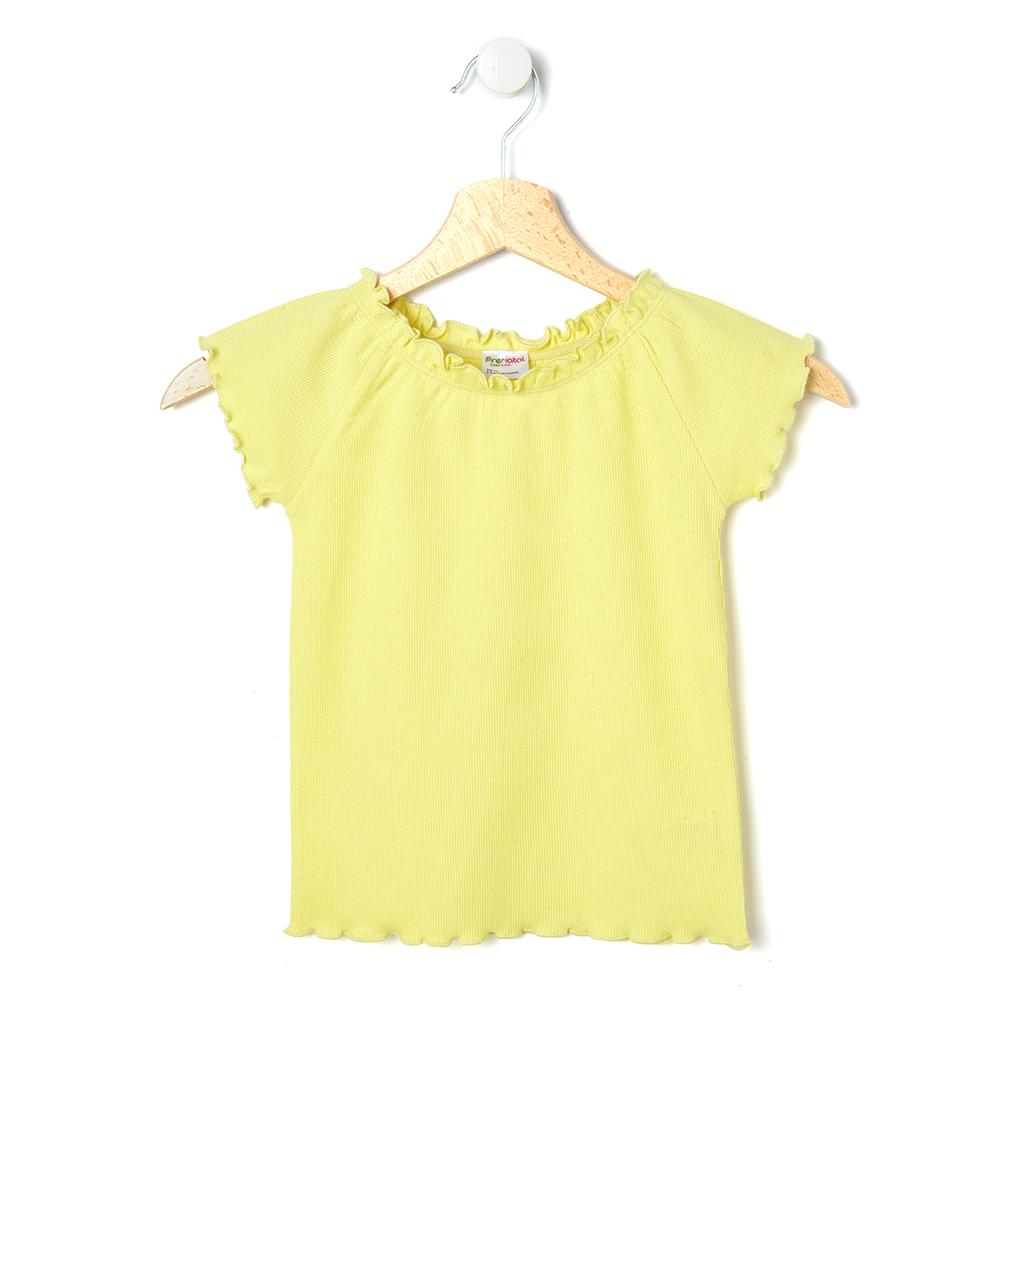 T-Shirt με Ριγωτή Ύφανση Κίτρινο για Κορίτσι